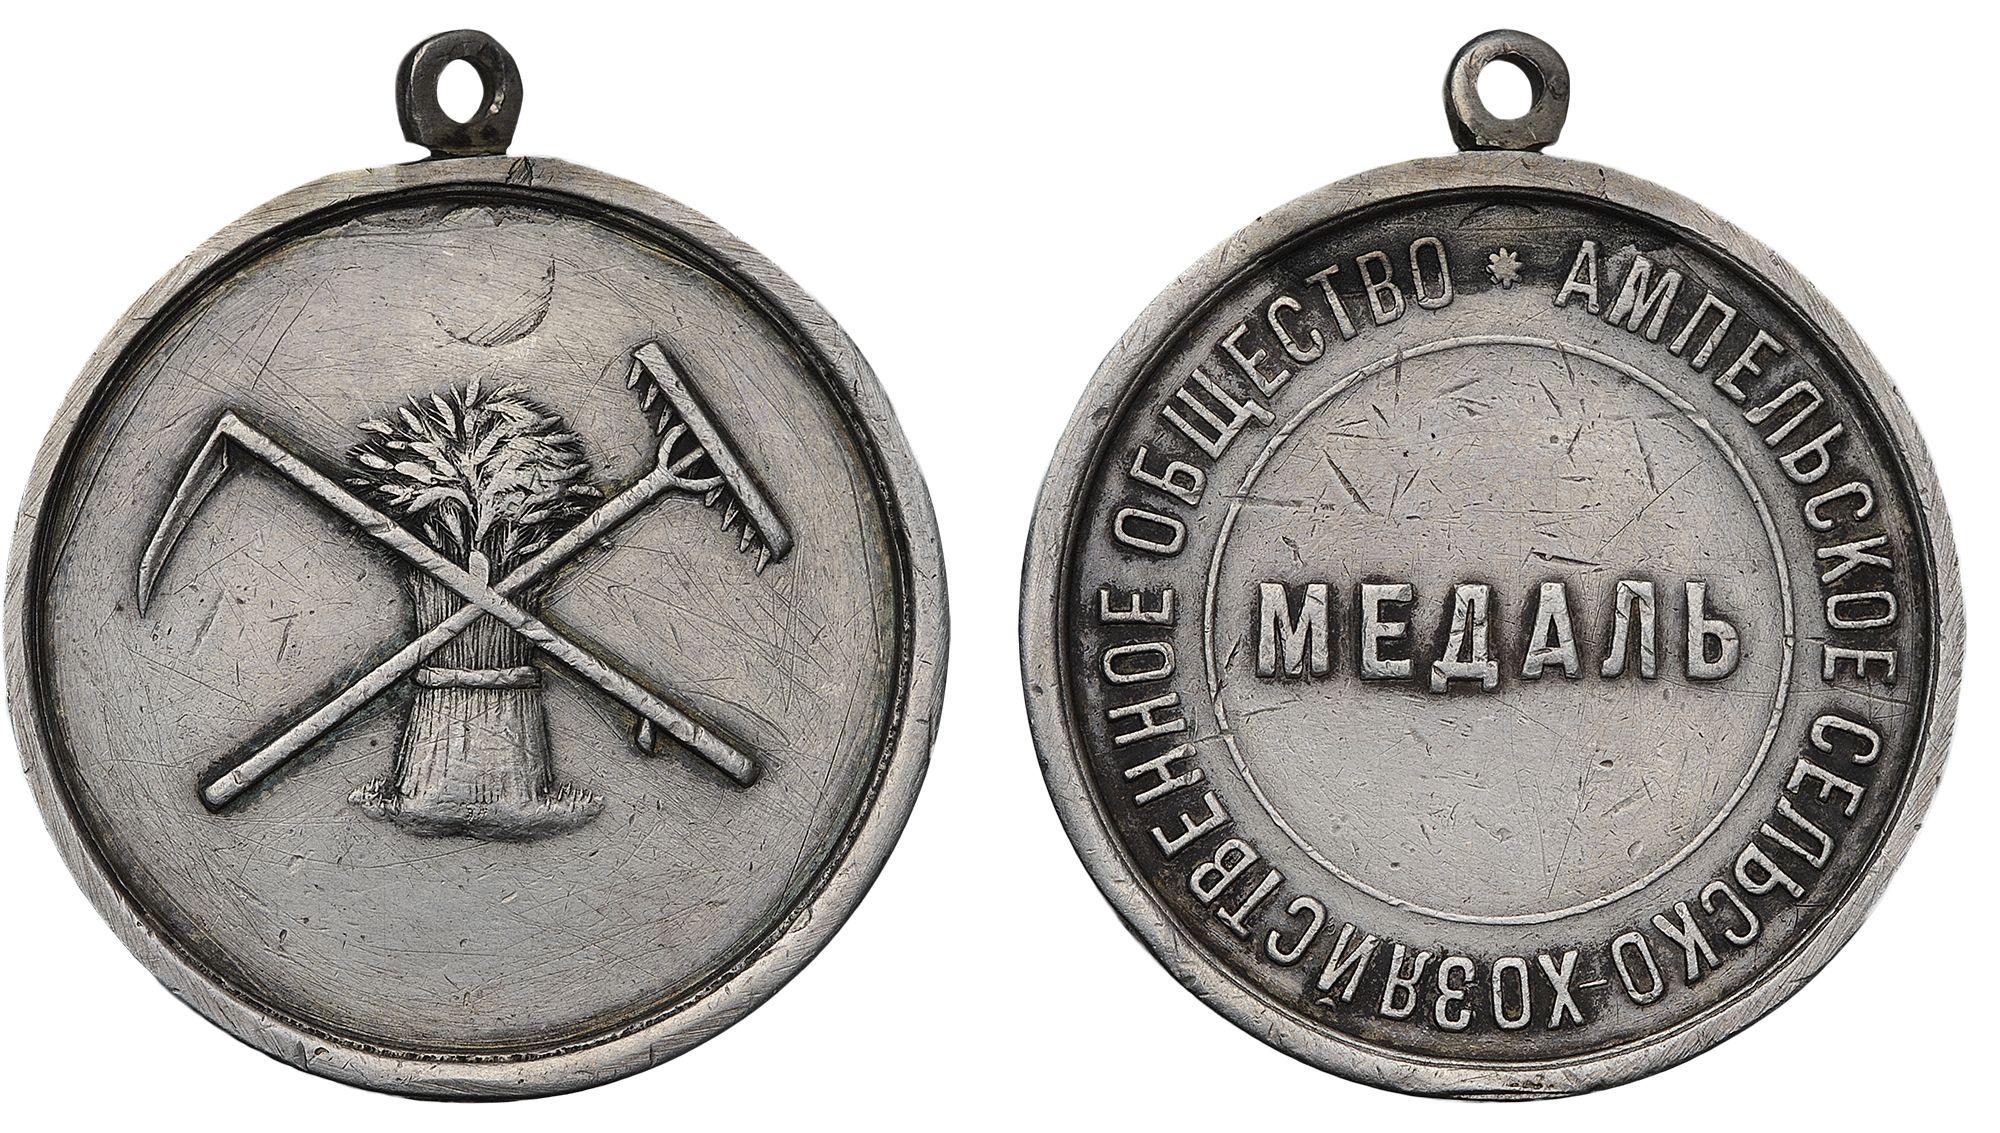 Наградная медаль от Ампельского сельскохозяйственного общества